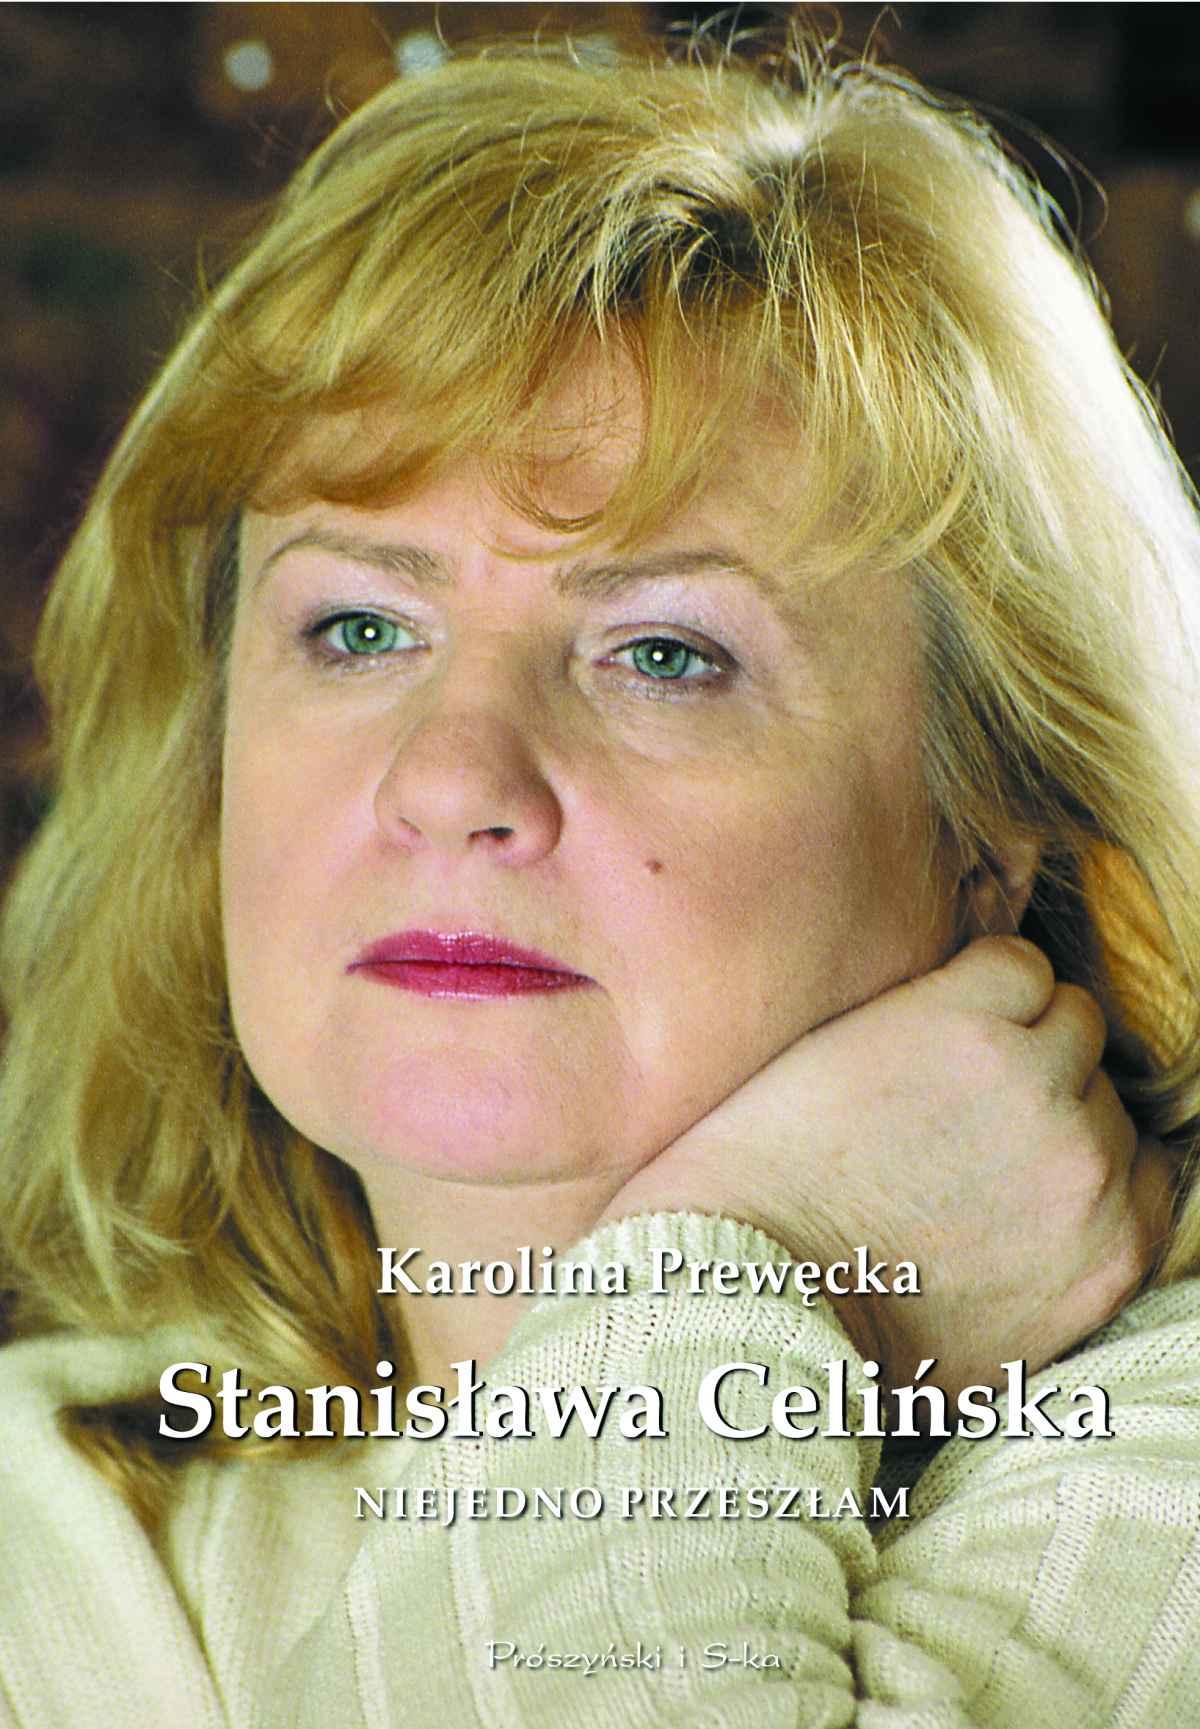 Stanisława Celińska. Niejedno przeszłam - Ebook (Książka na Kindle) do pobrania w formacie MOBI